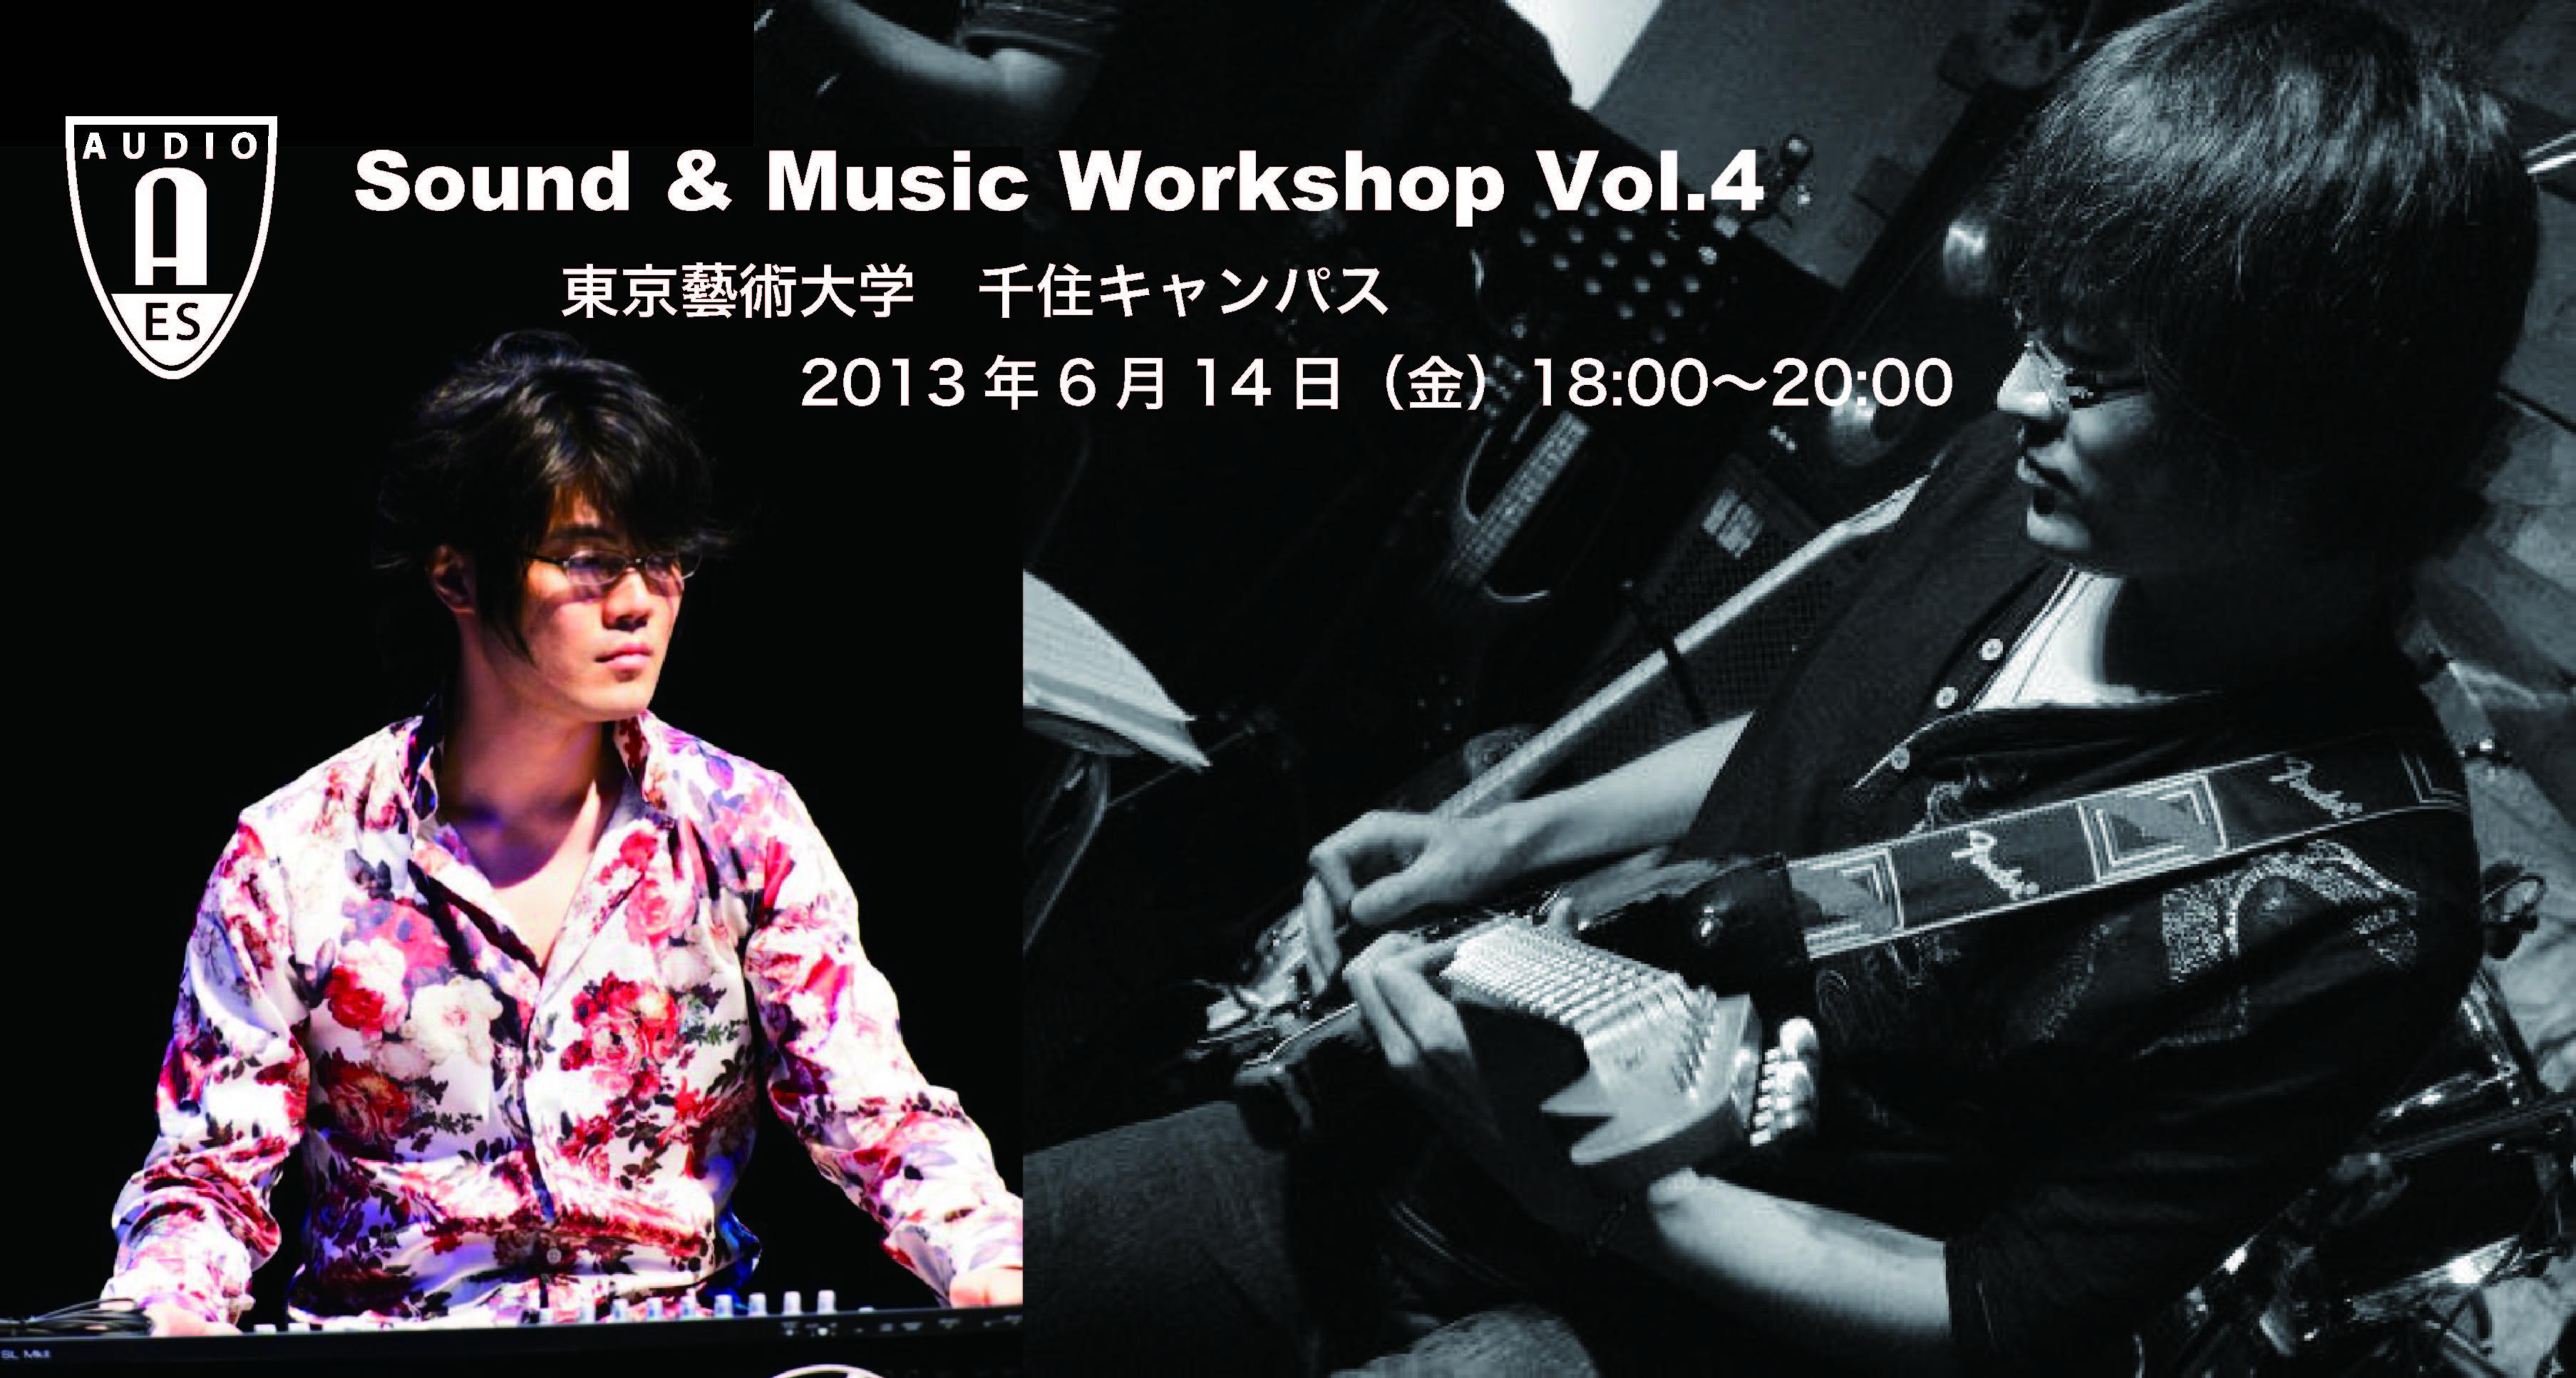 6月14日(金)Sound & Music Workshop vol.4「これからのフィルムスコアリングとセルフマネジメント 〜ゲーム音楽・劇伴制作、いかに作るか、いかに魅せるか〜」開催決定!